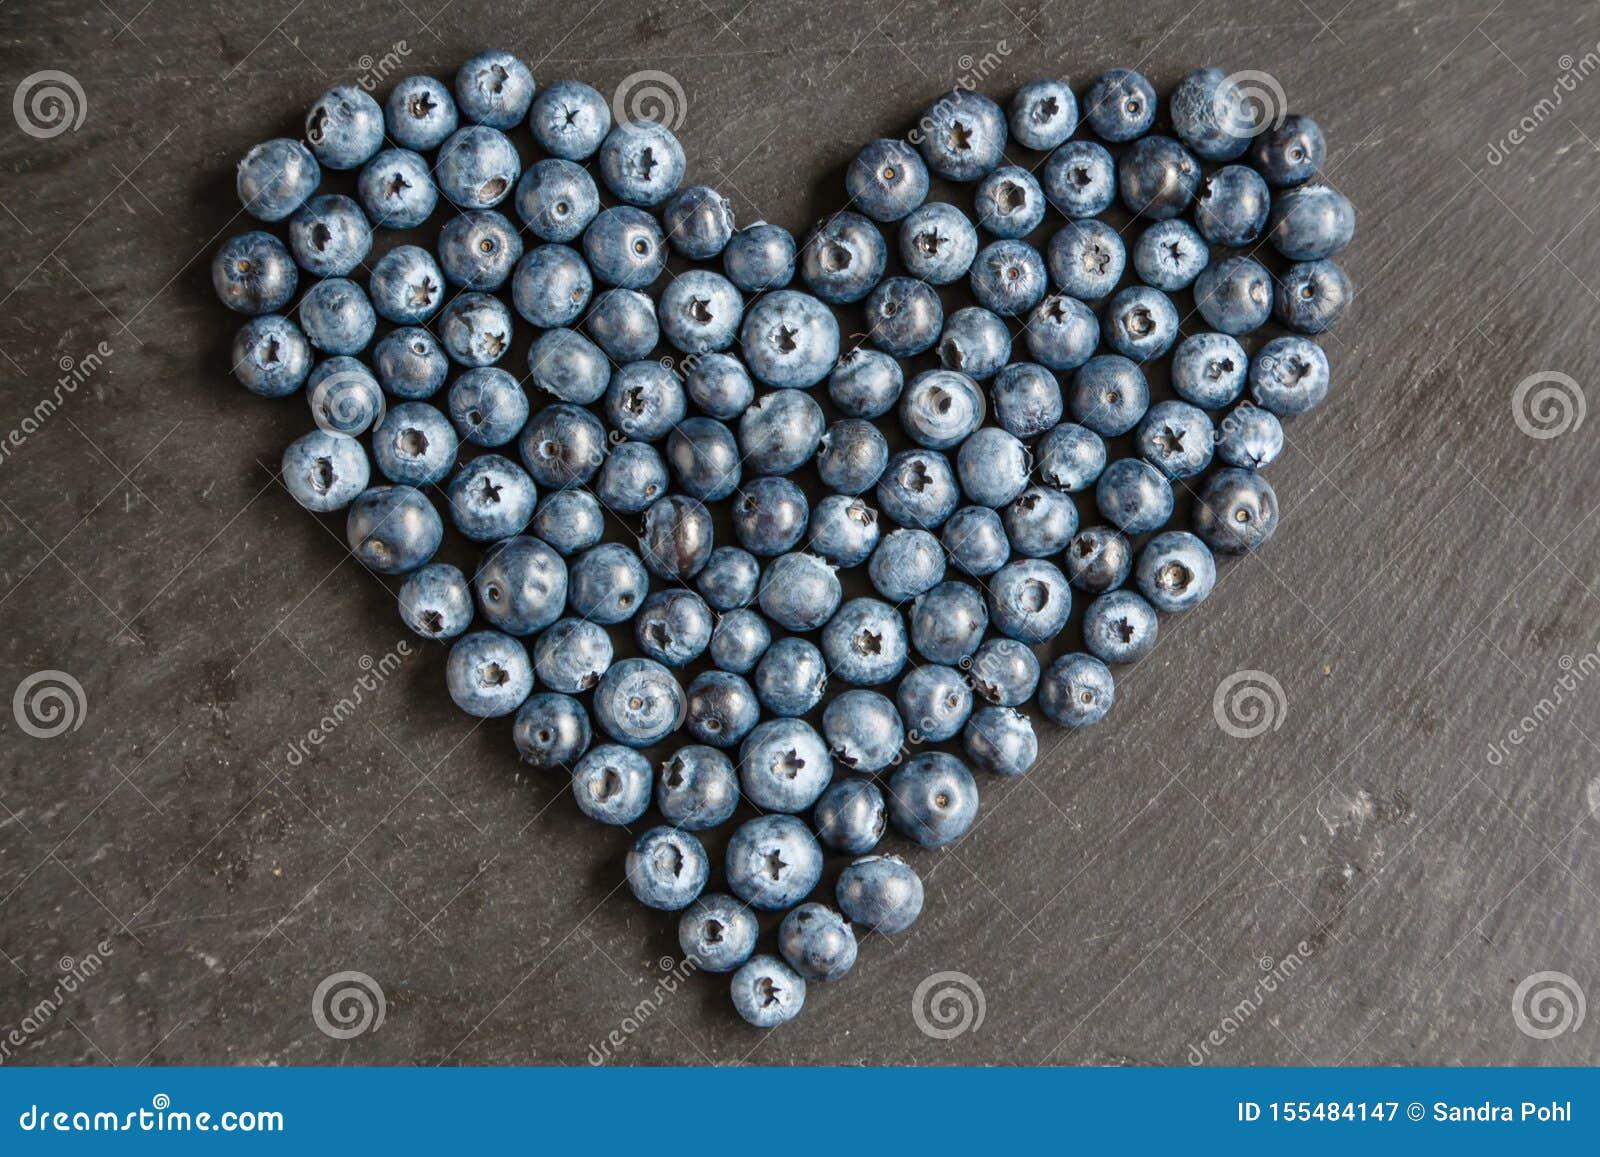 Hjärta av blåbär kritiserar på plattan